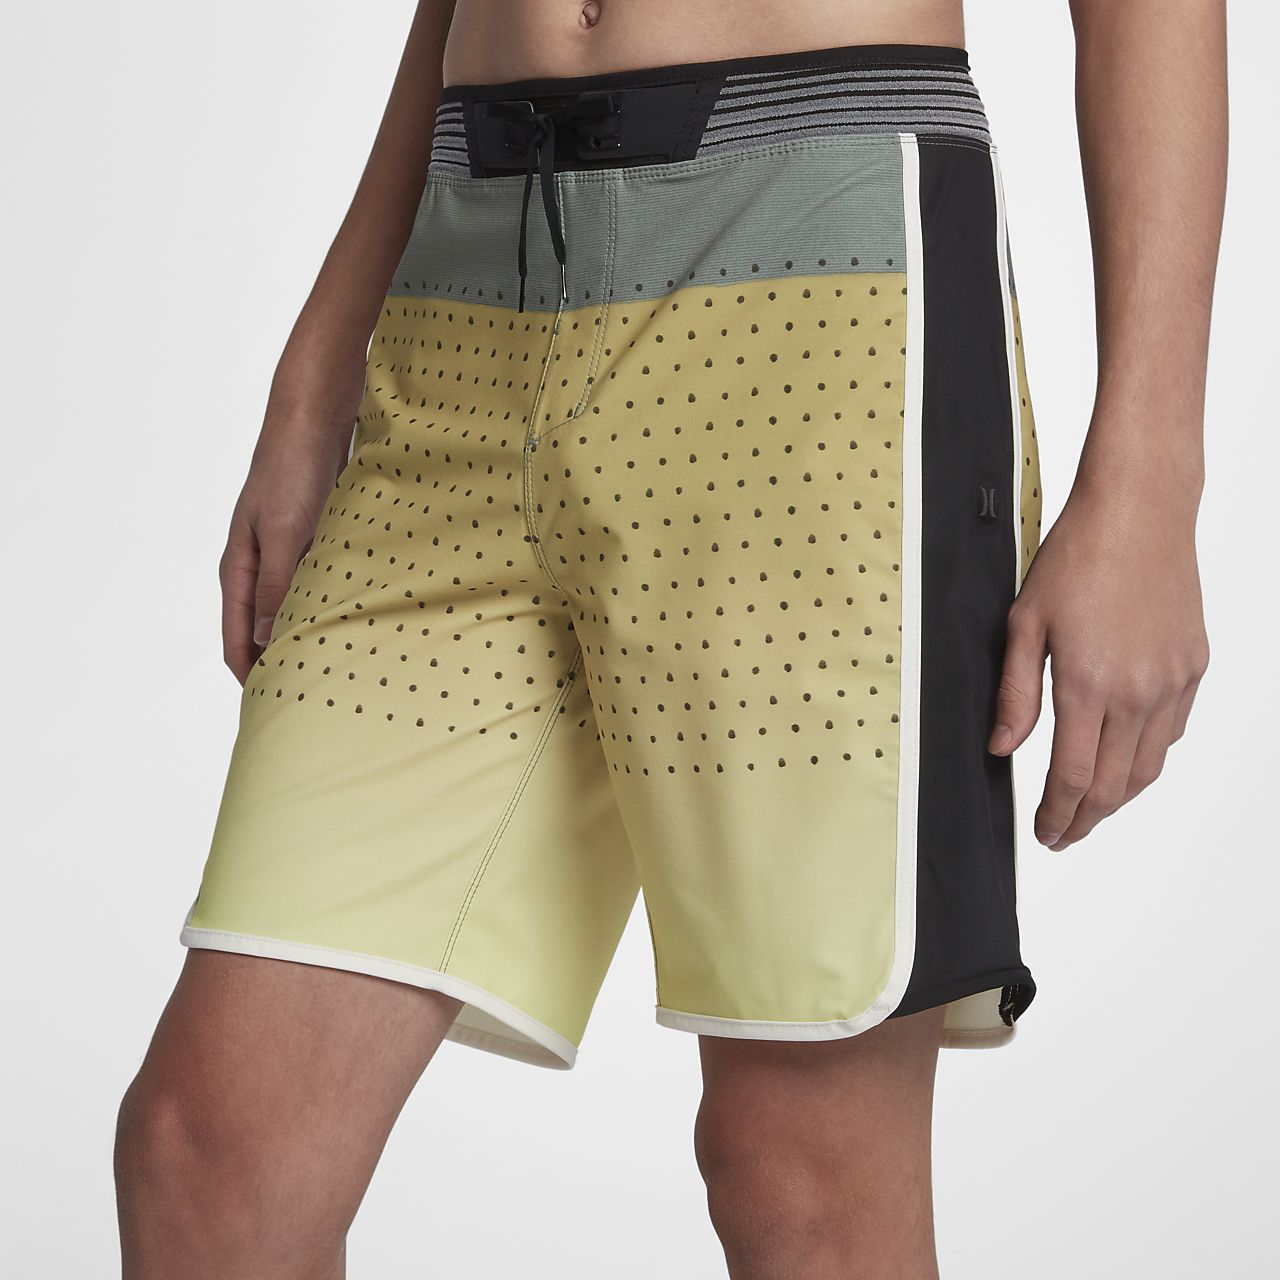 Livraison gratuite véritable Nike Structure De Zoom De L'air 20 Des Femmes De 9 Shorts De Pouce expédition rapide tumblr très bon marché plein de couleurs oFDekzpRN